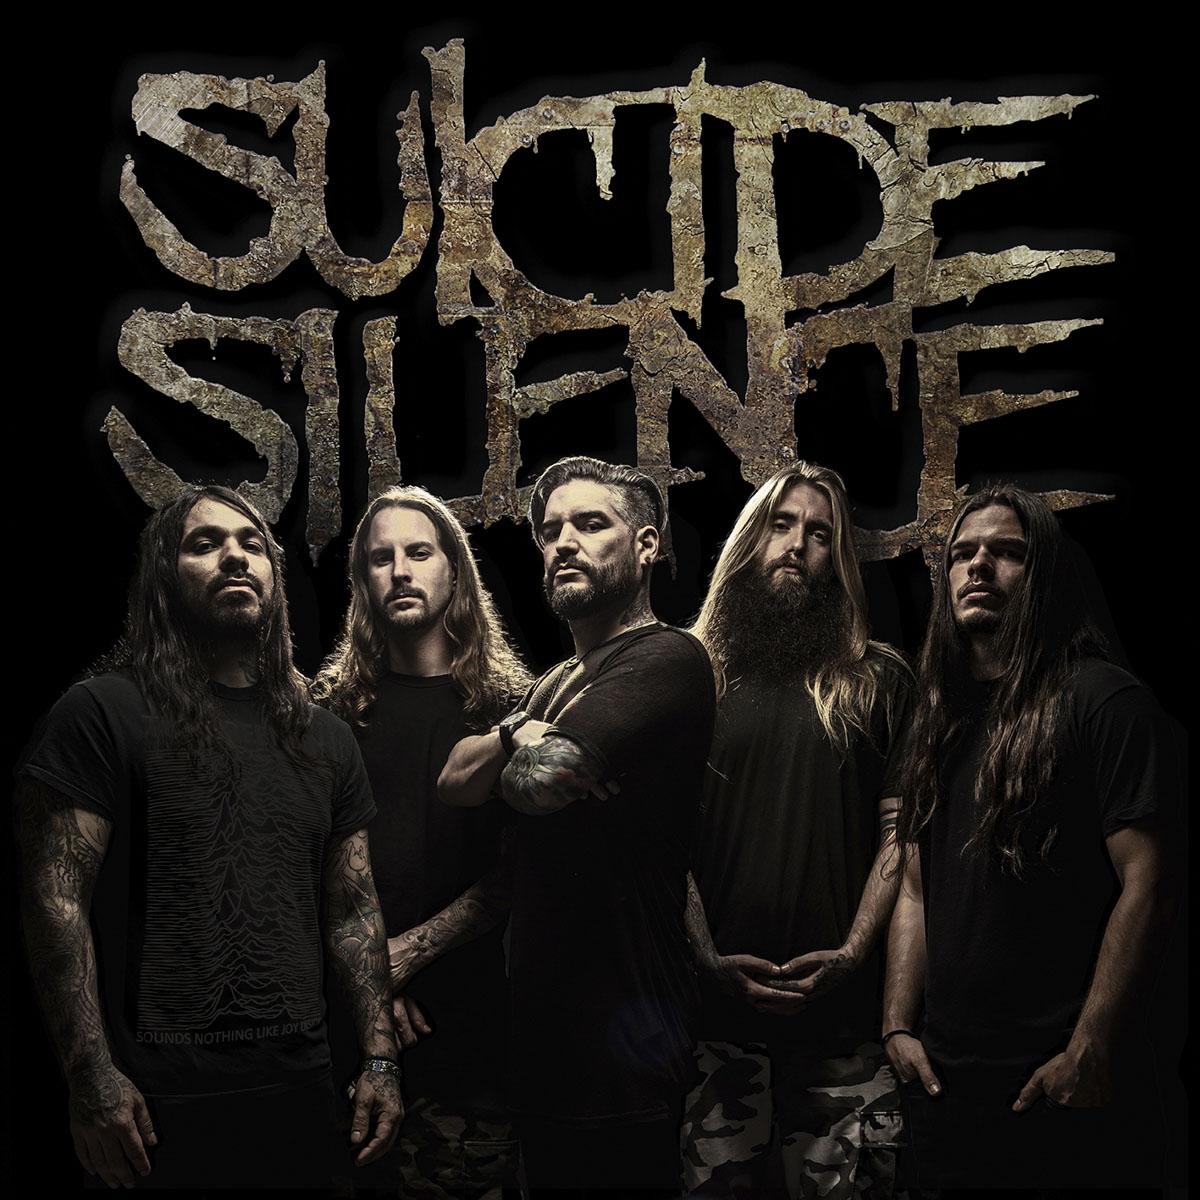 Suicide Silence - Suicide Silence - Artwork